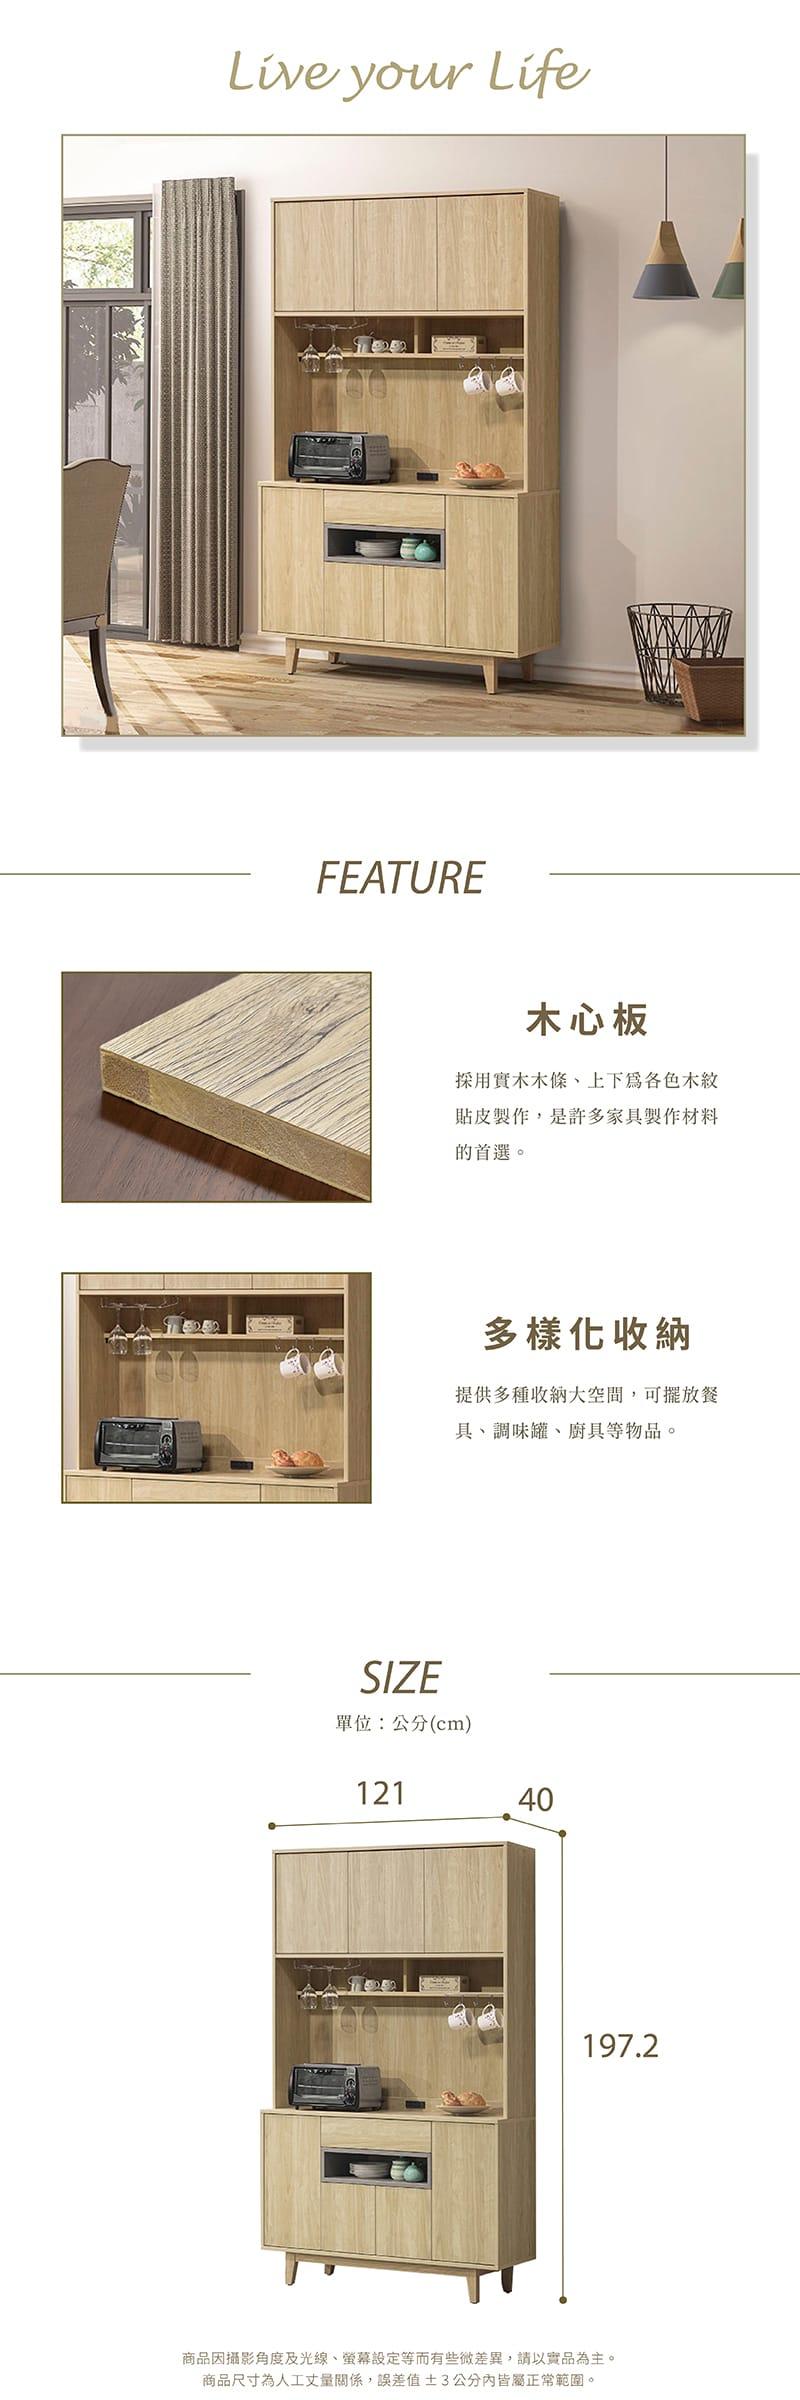 沐夏 北歐風廚櫃組寬121cm